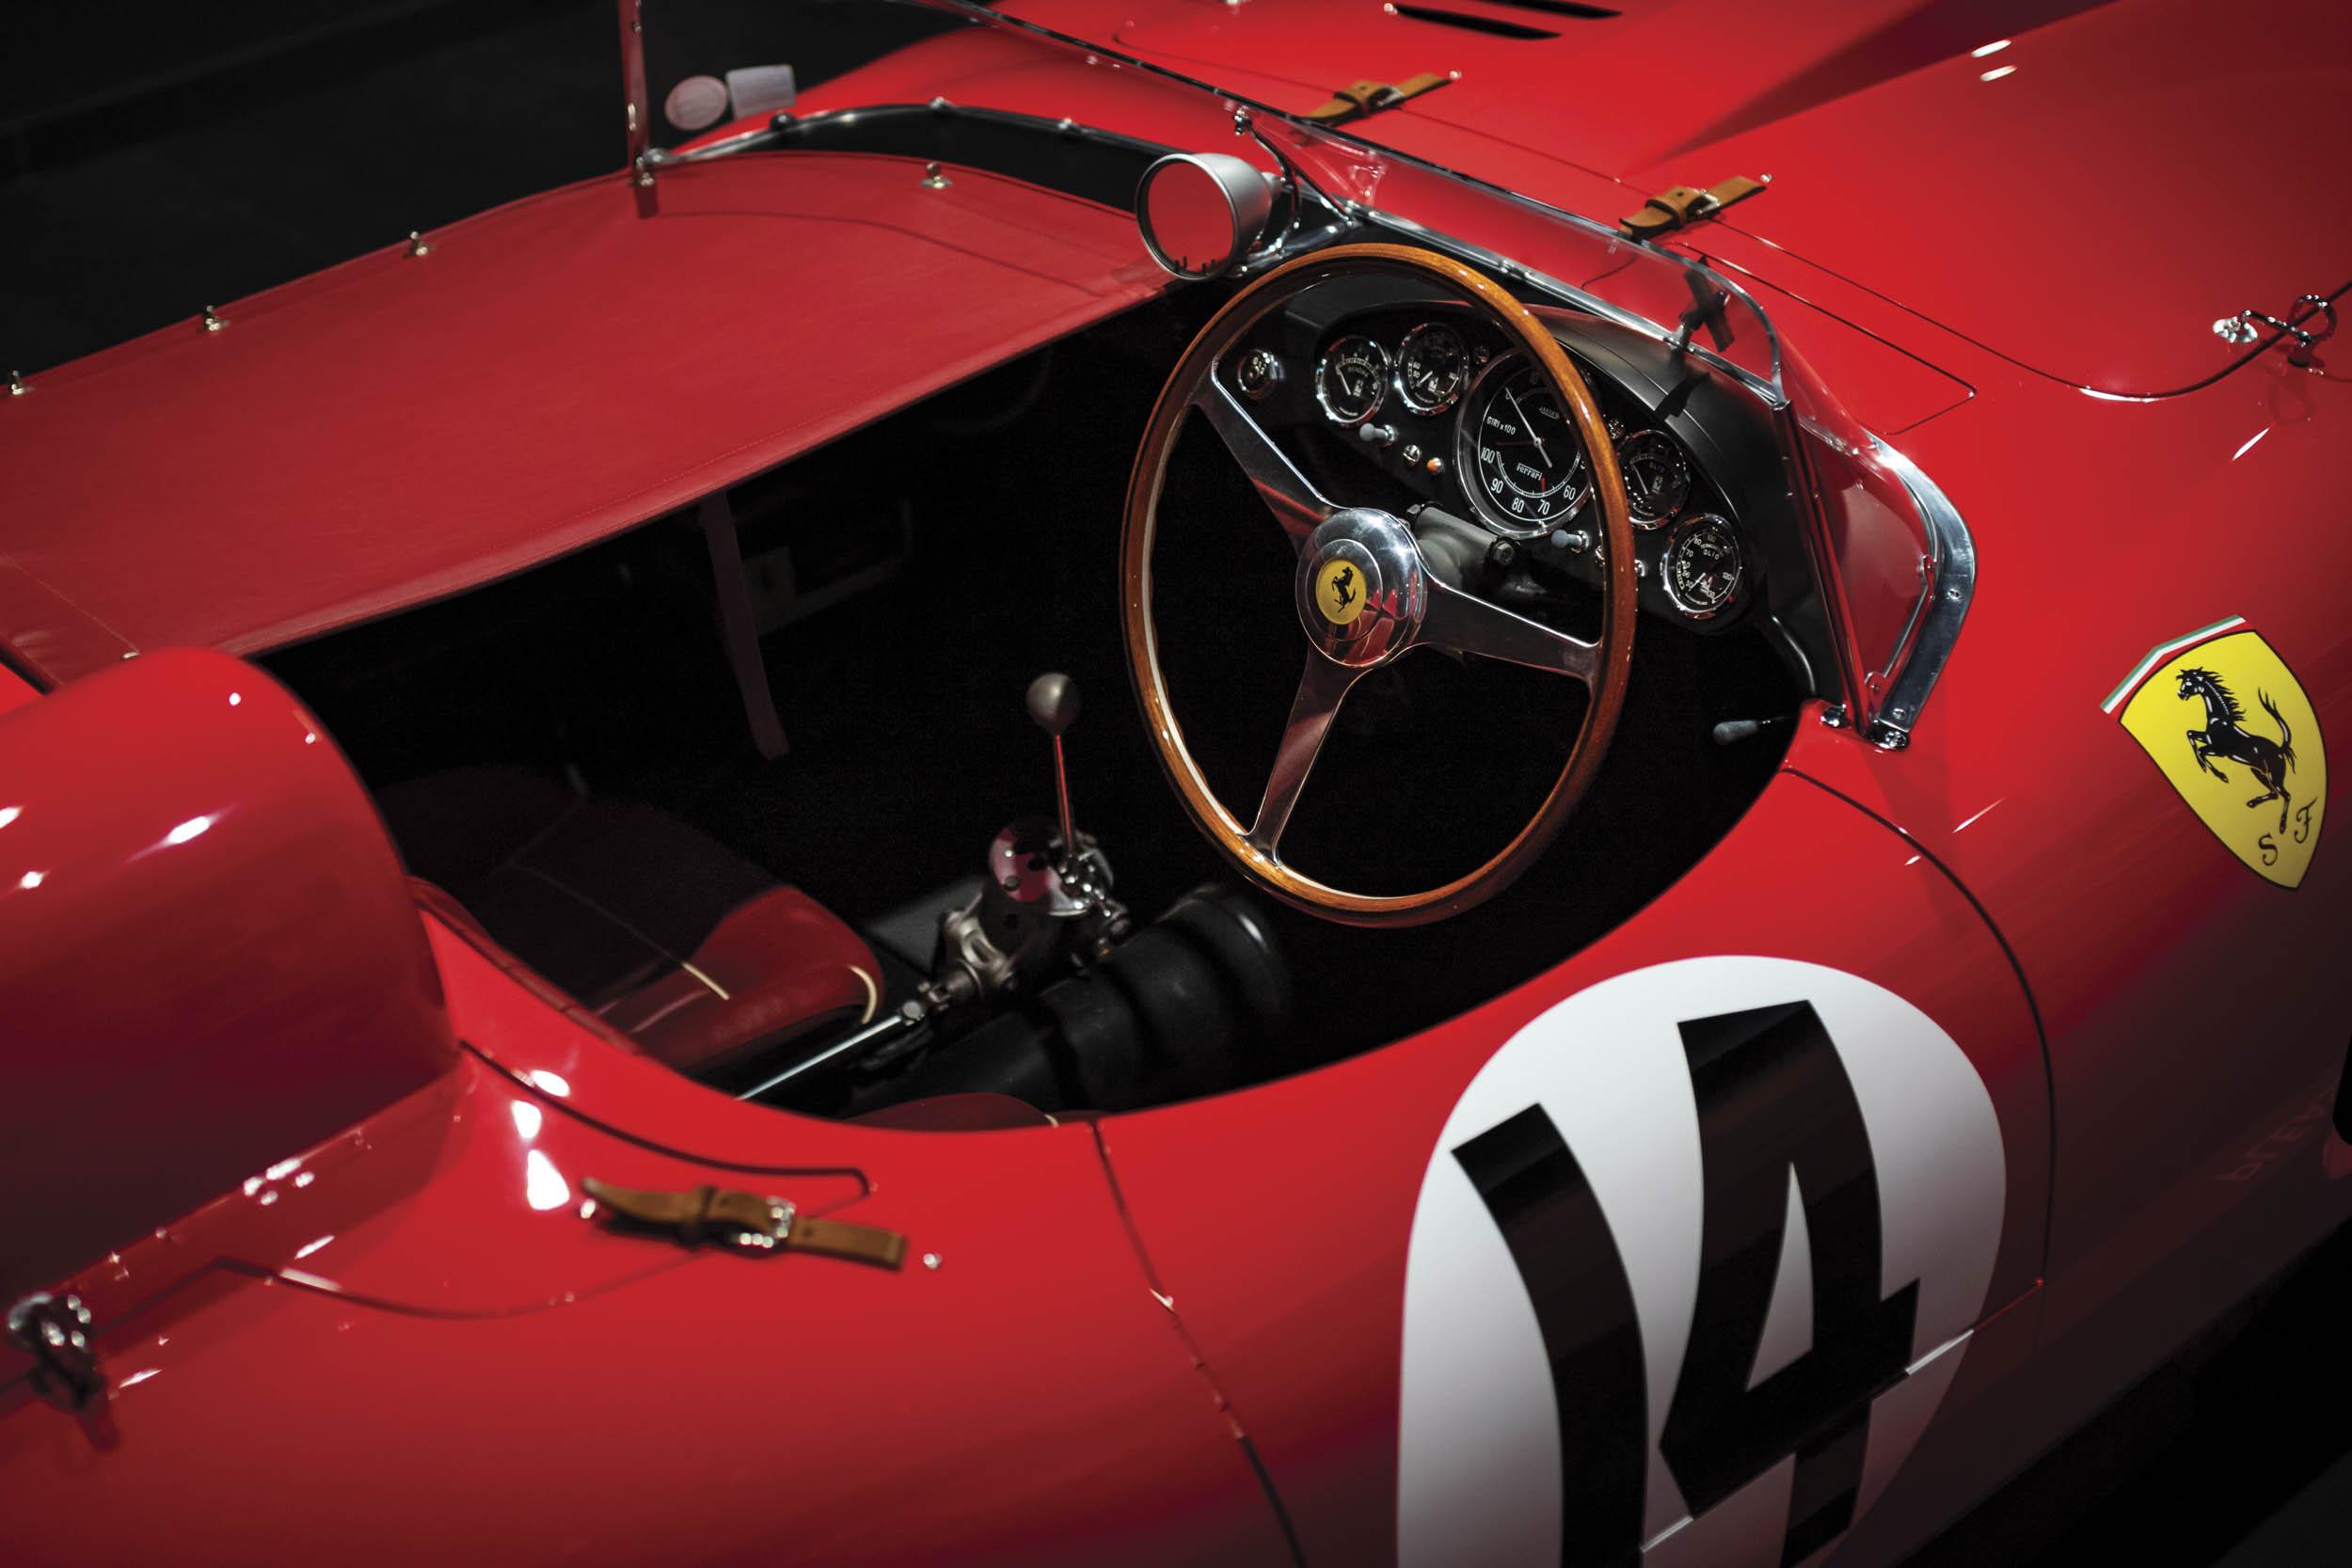 1956 Ferrari 290 MM by Scaglietti cockpit